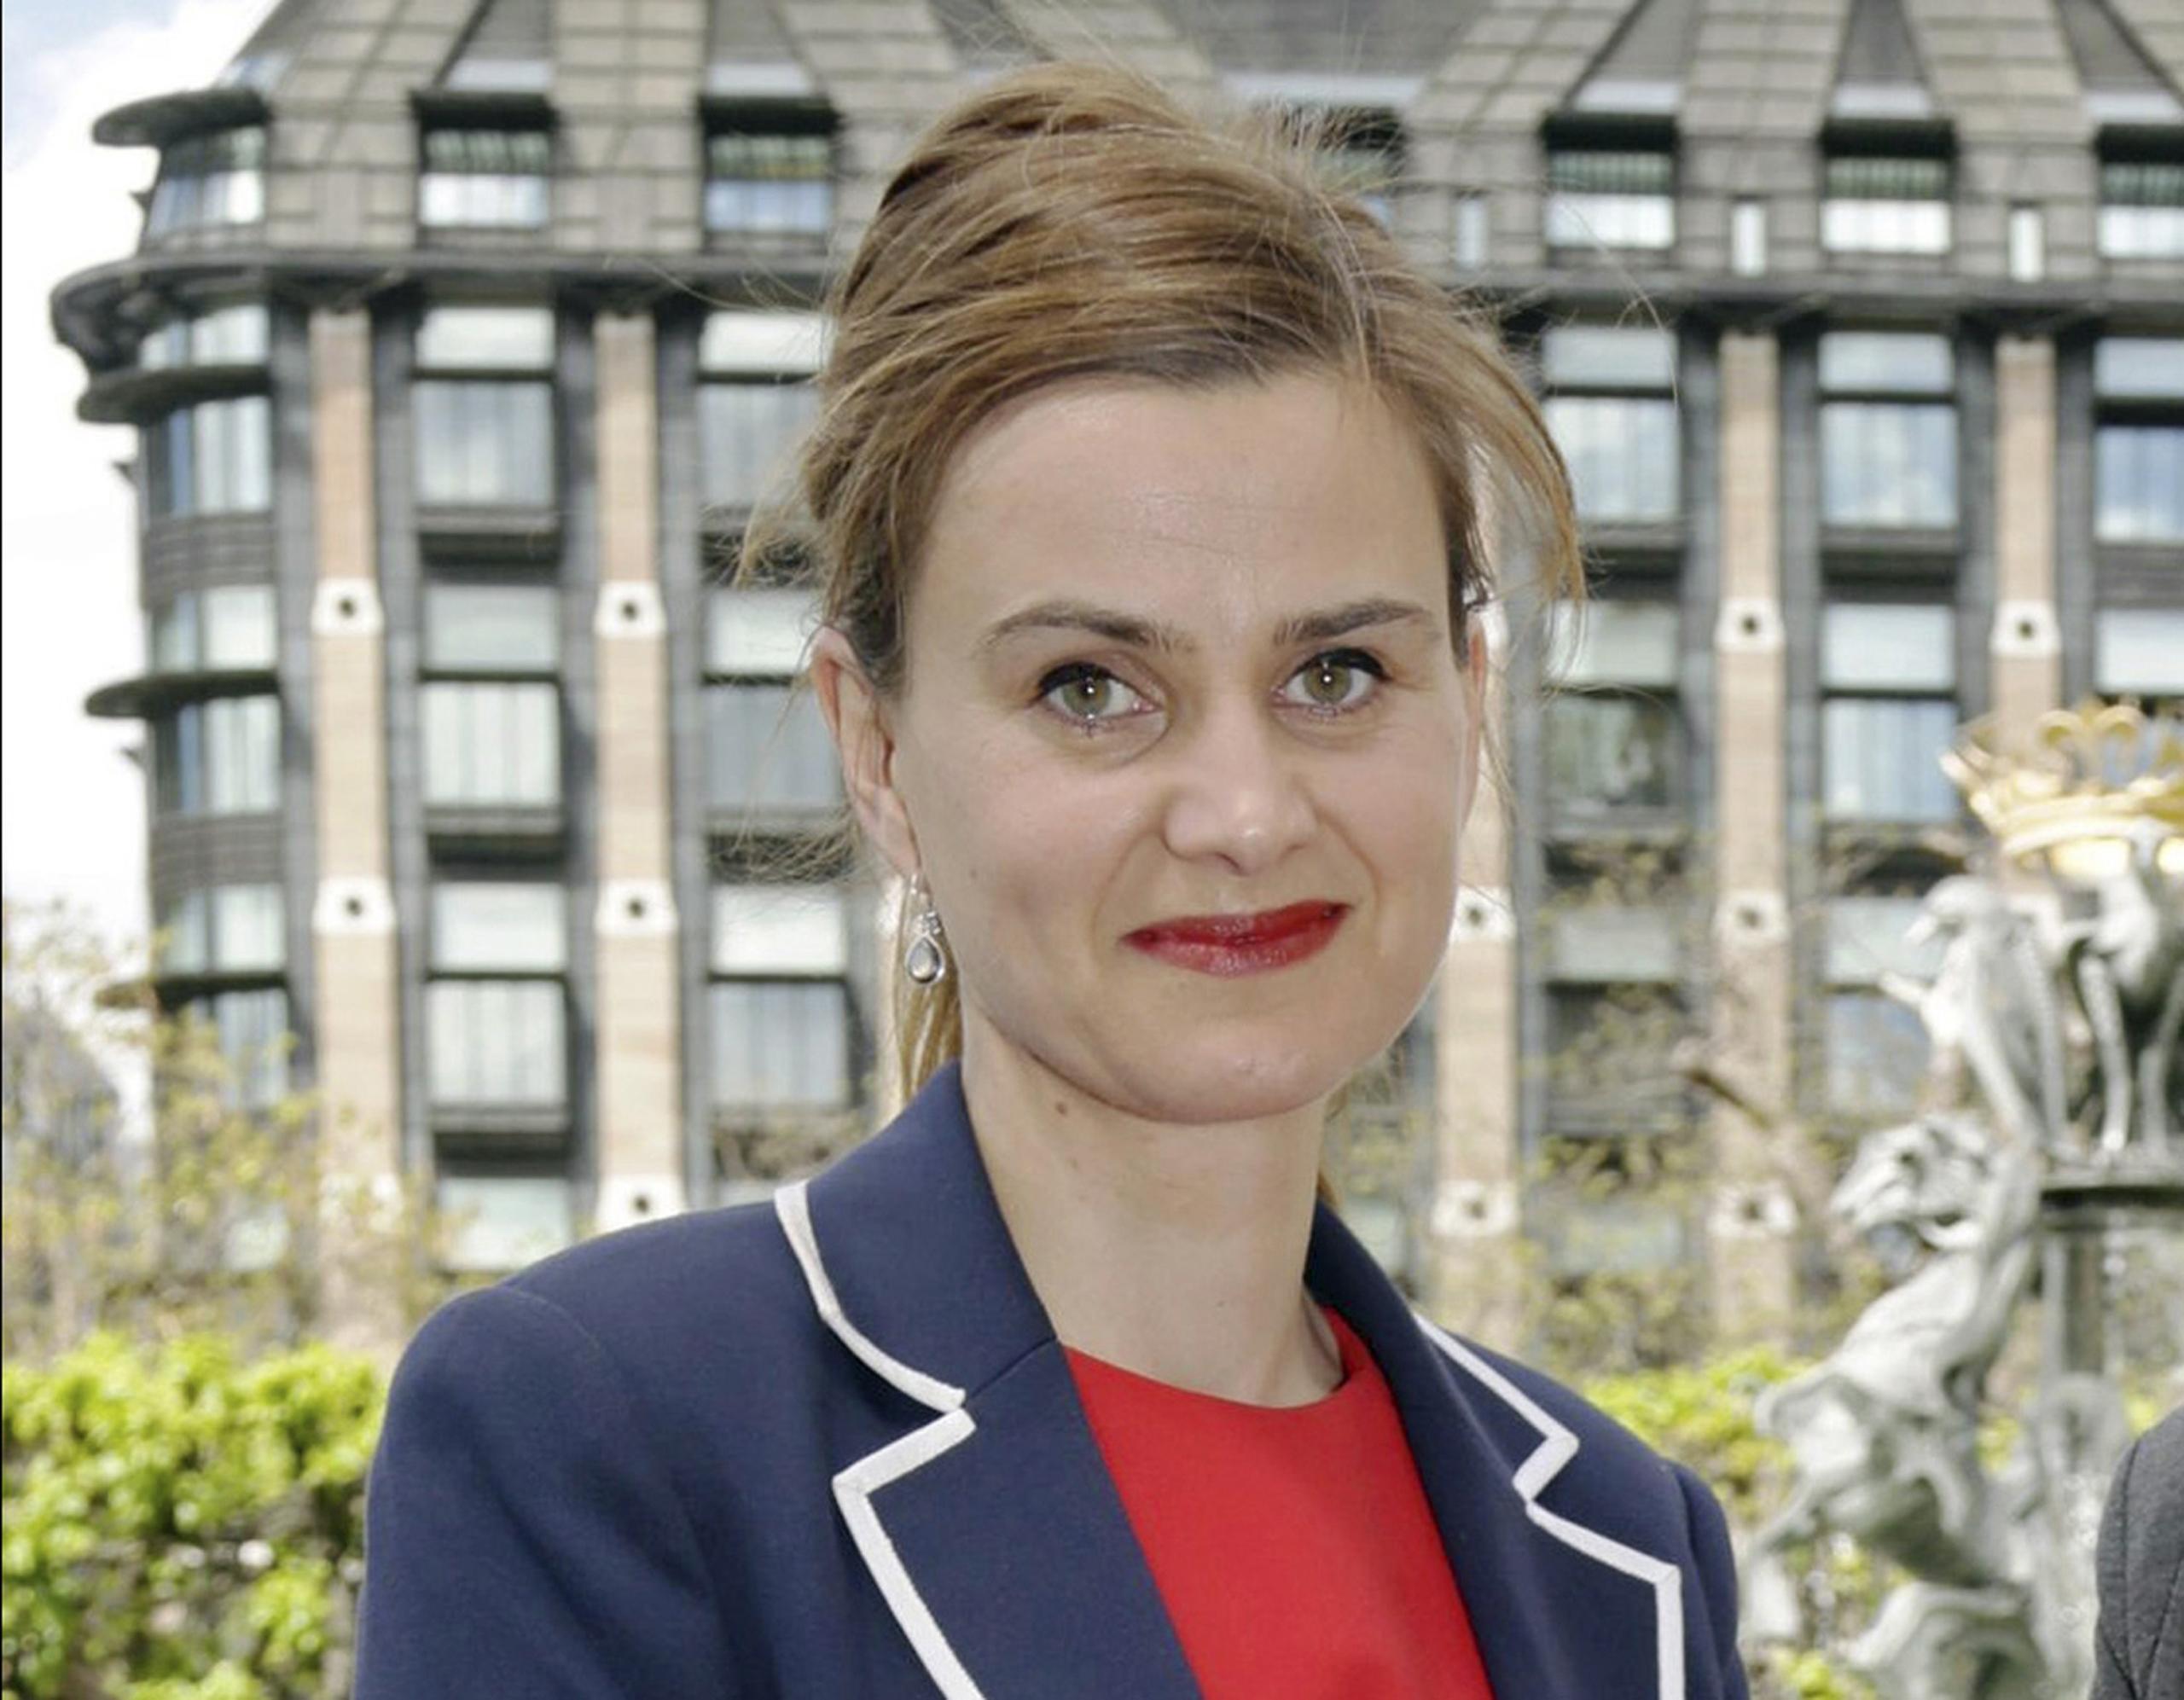 Labour Member of Parliament Jo Cox